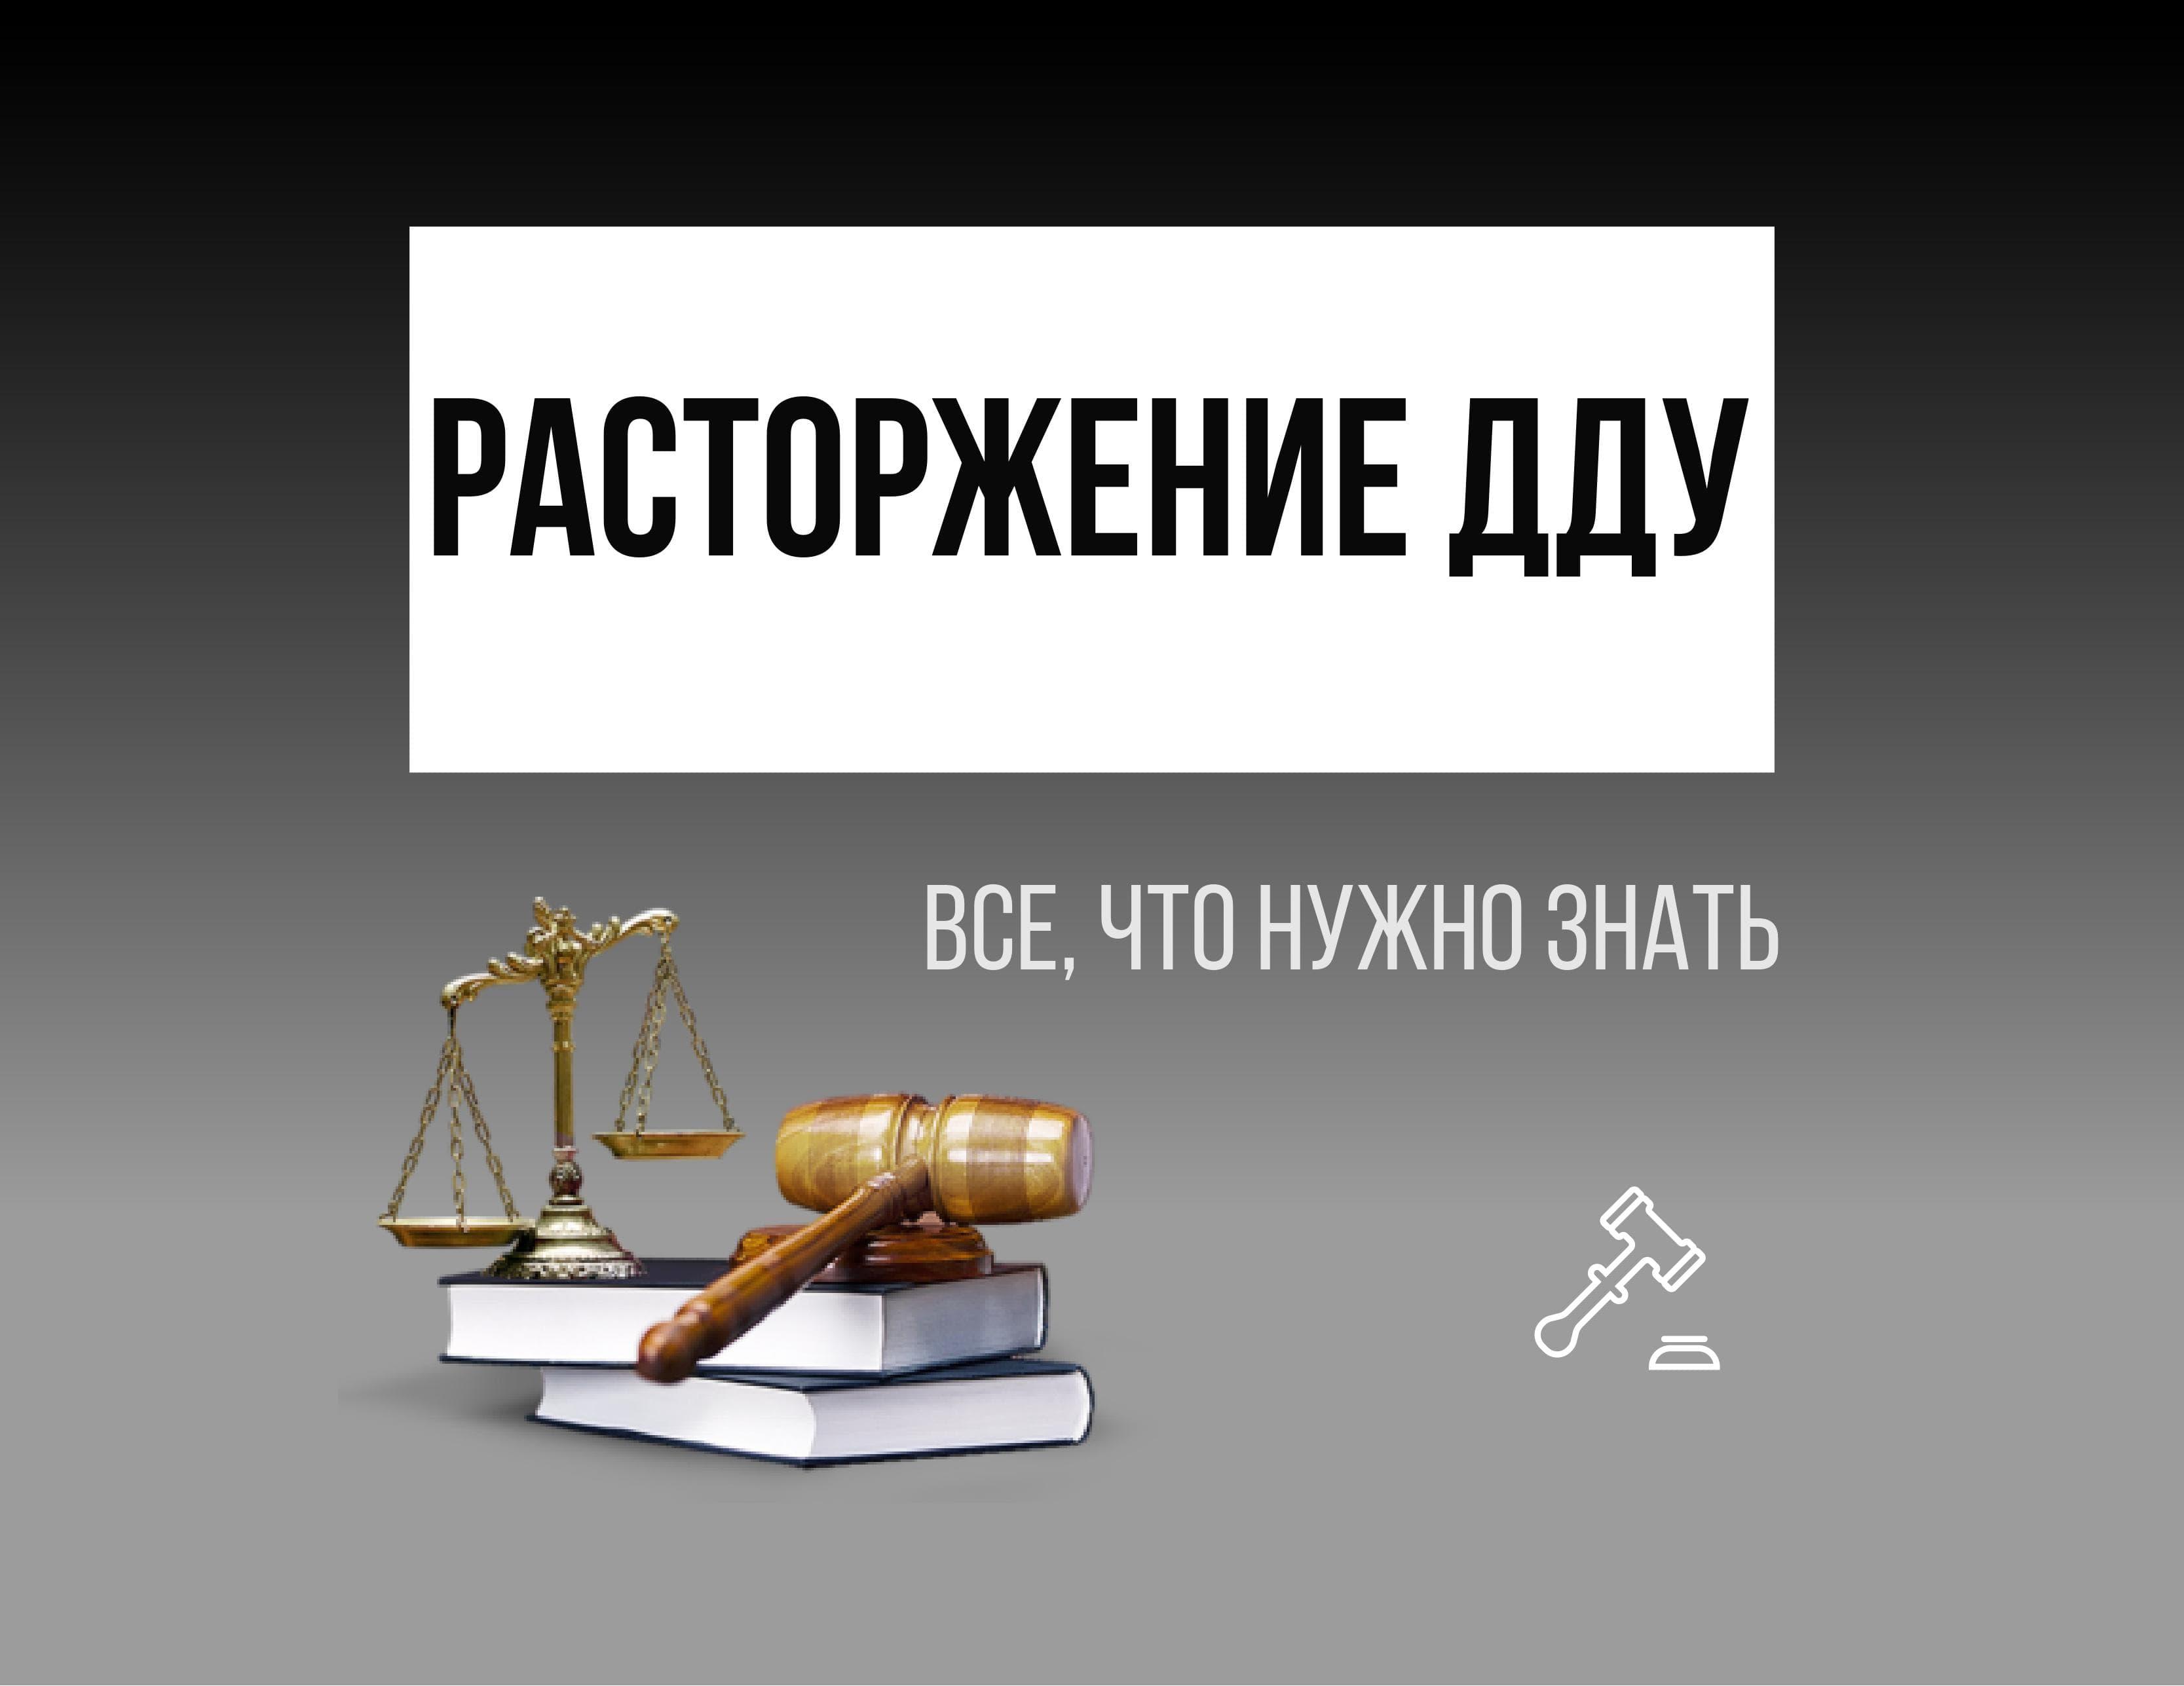 Водительский права проверит на диствительноти гбдд росские федерации